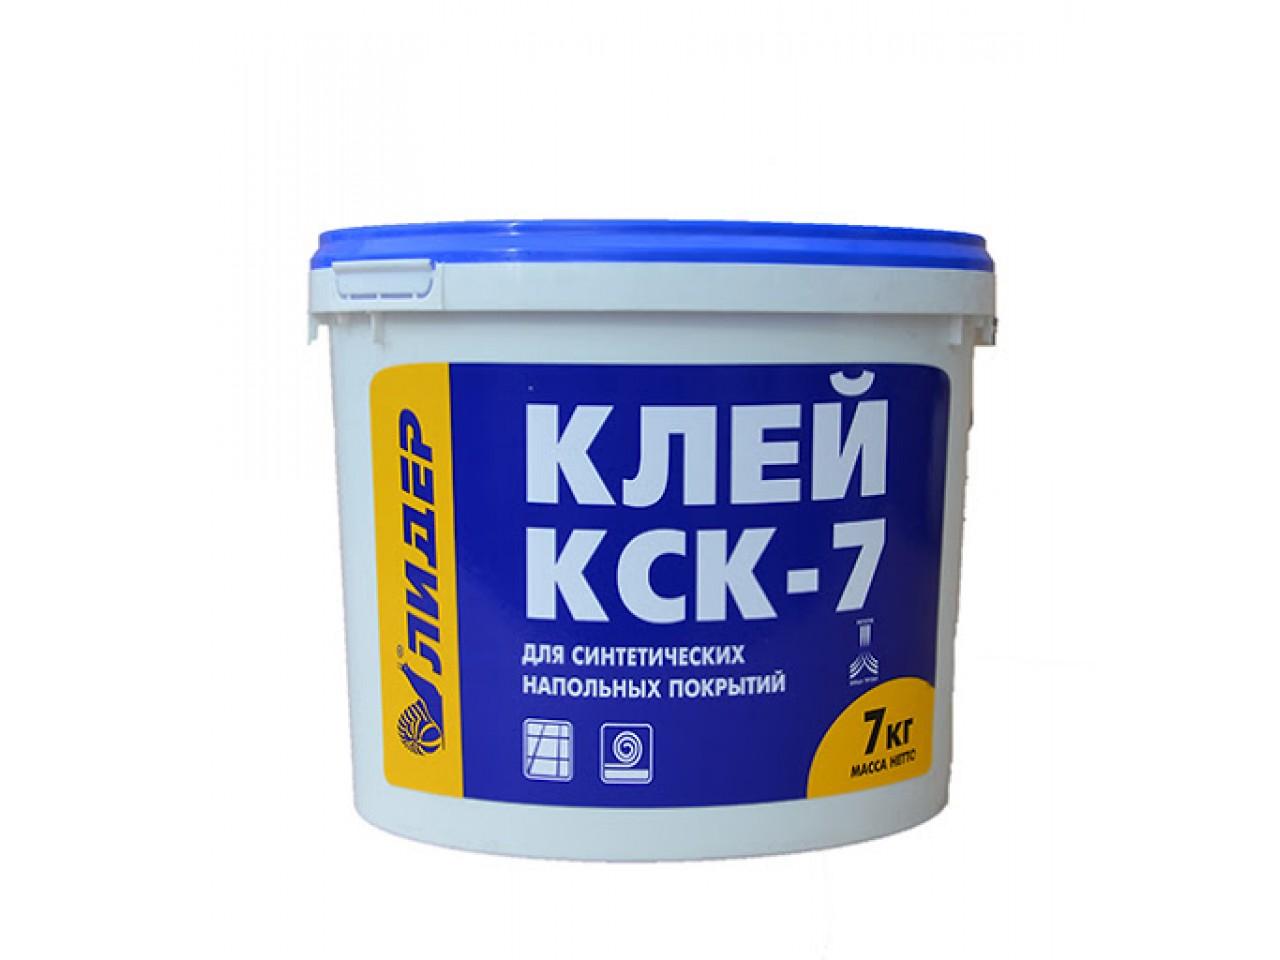 Клей для линолеума Лидер КСК-7 7 кг